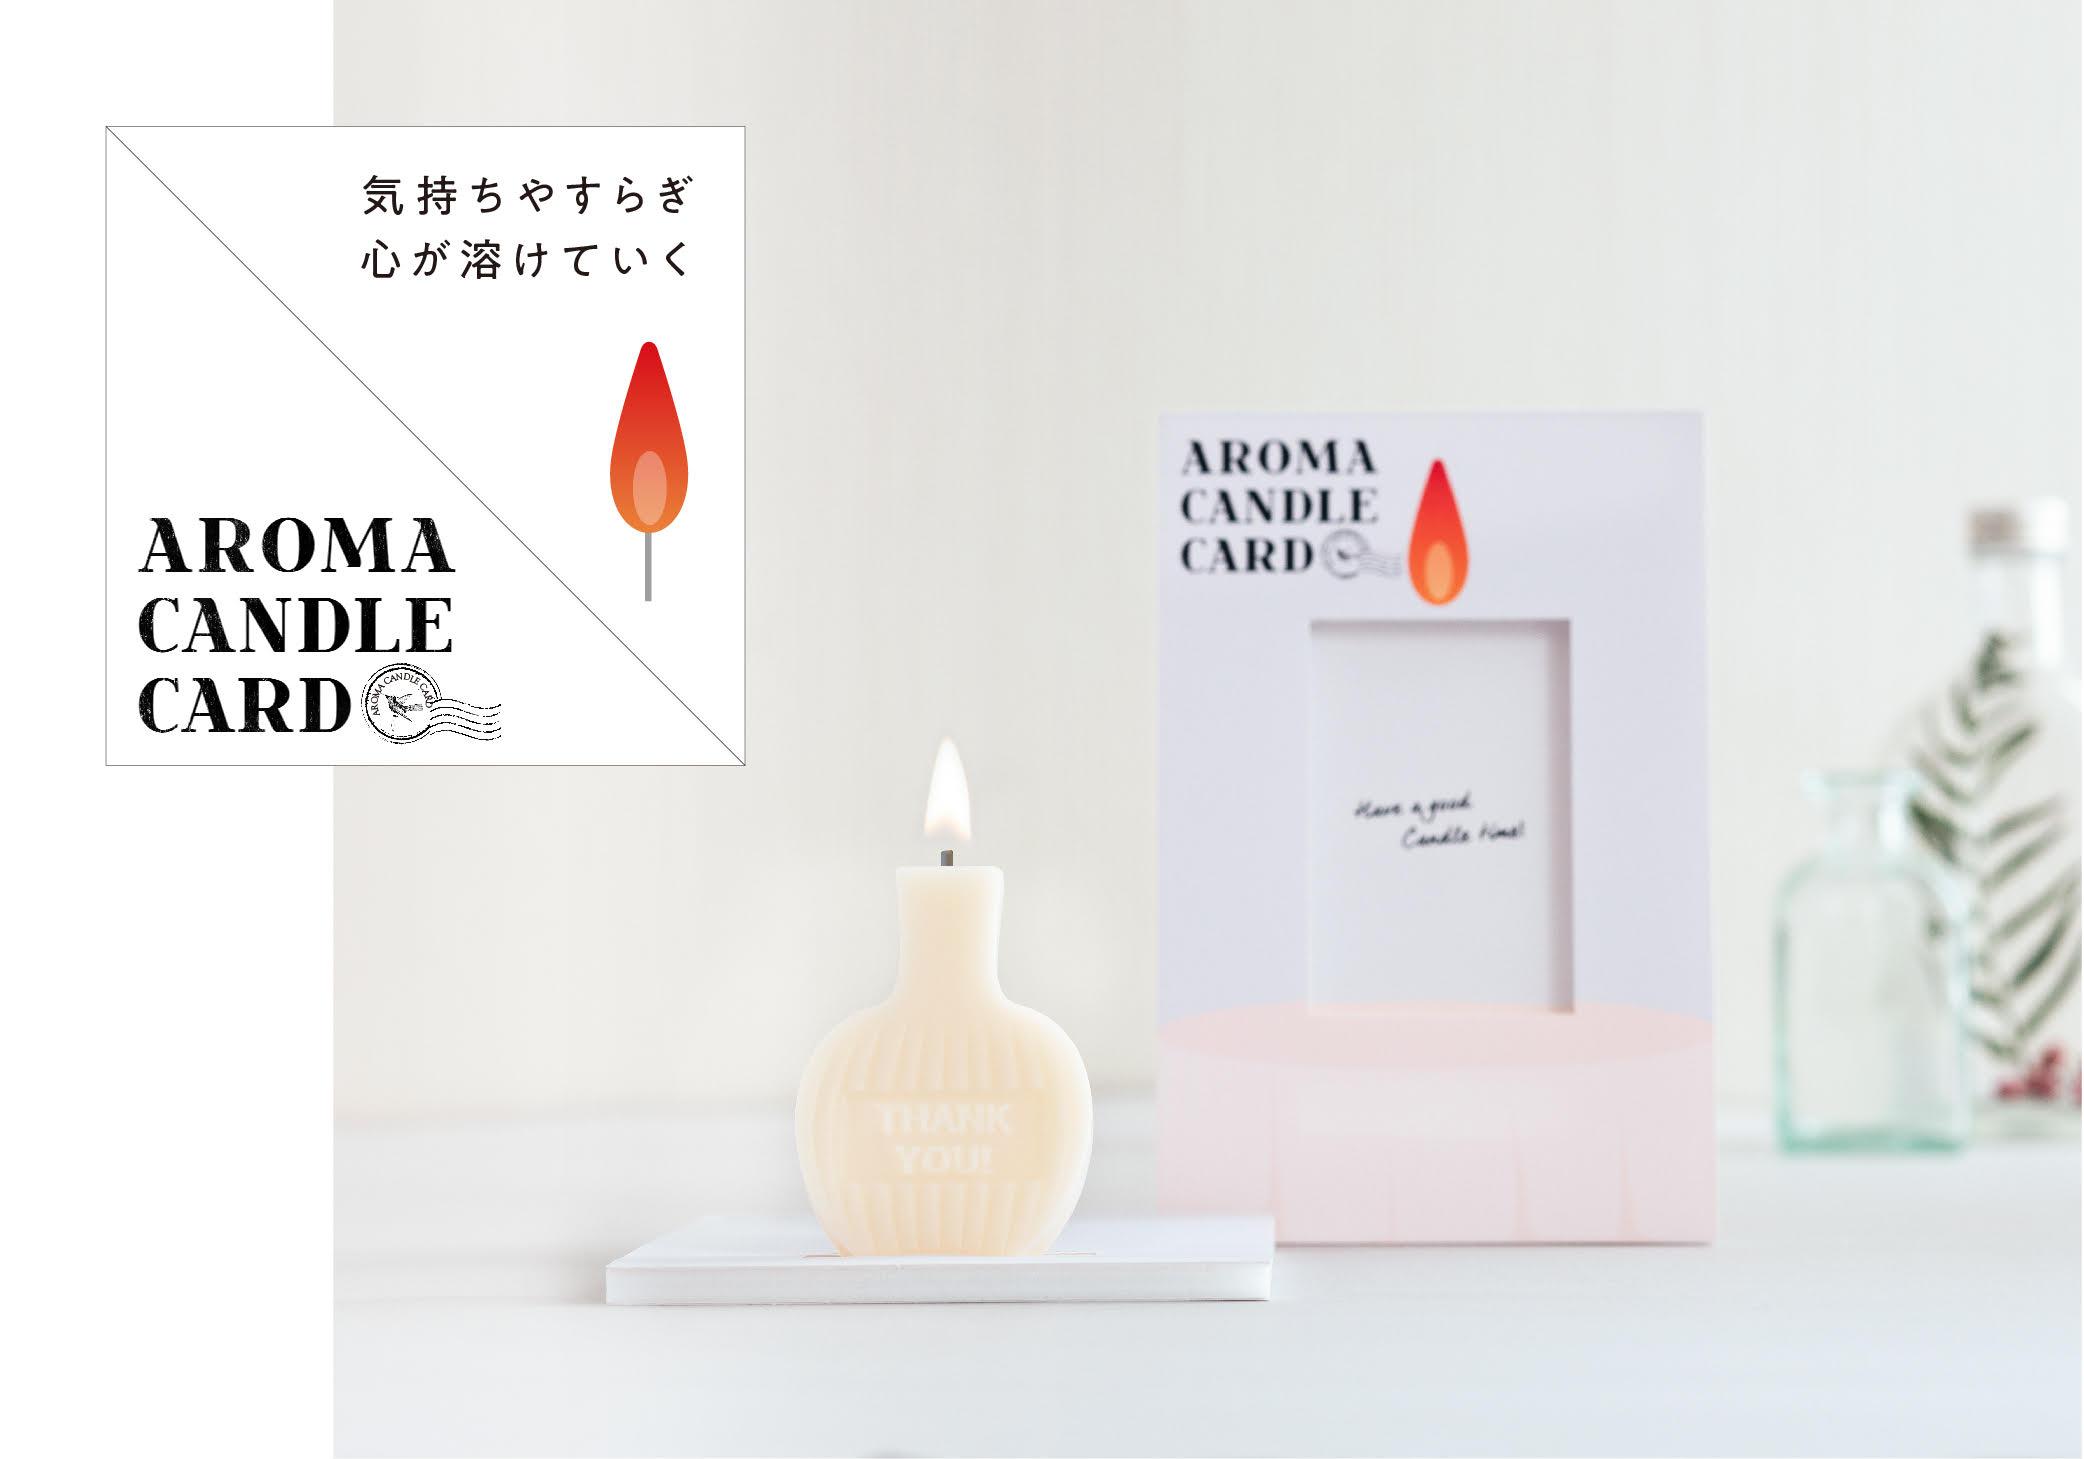 東京ビジネスデザインアワード2018年度 受賞作品